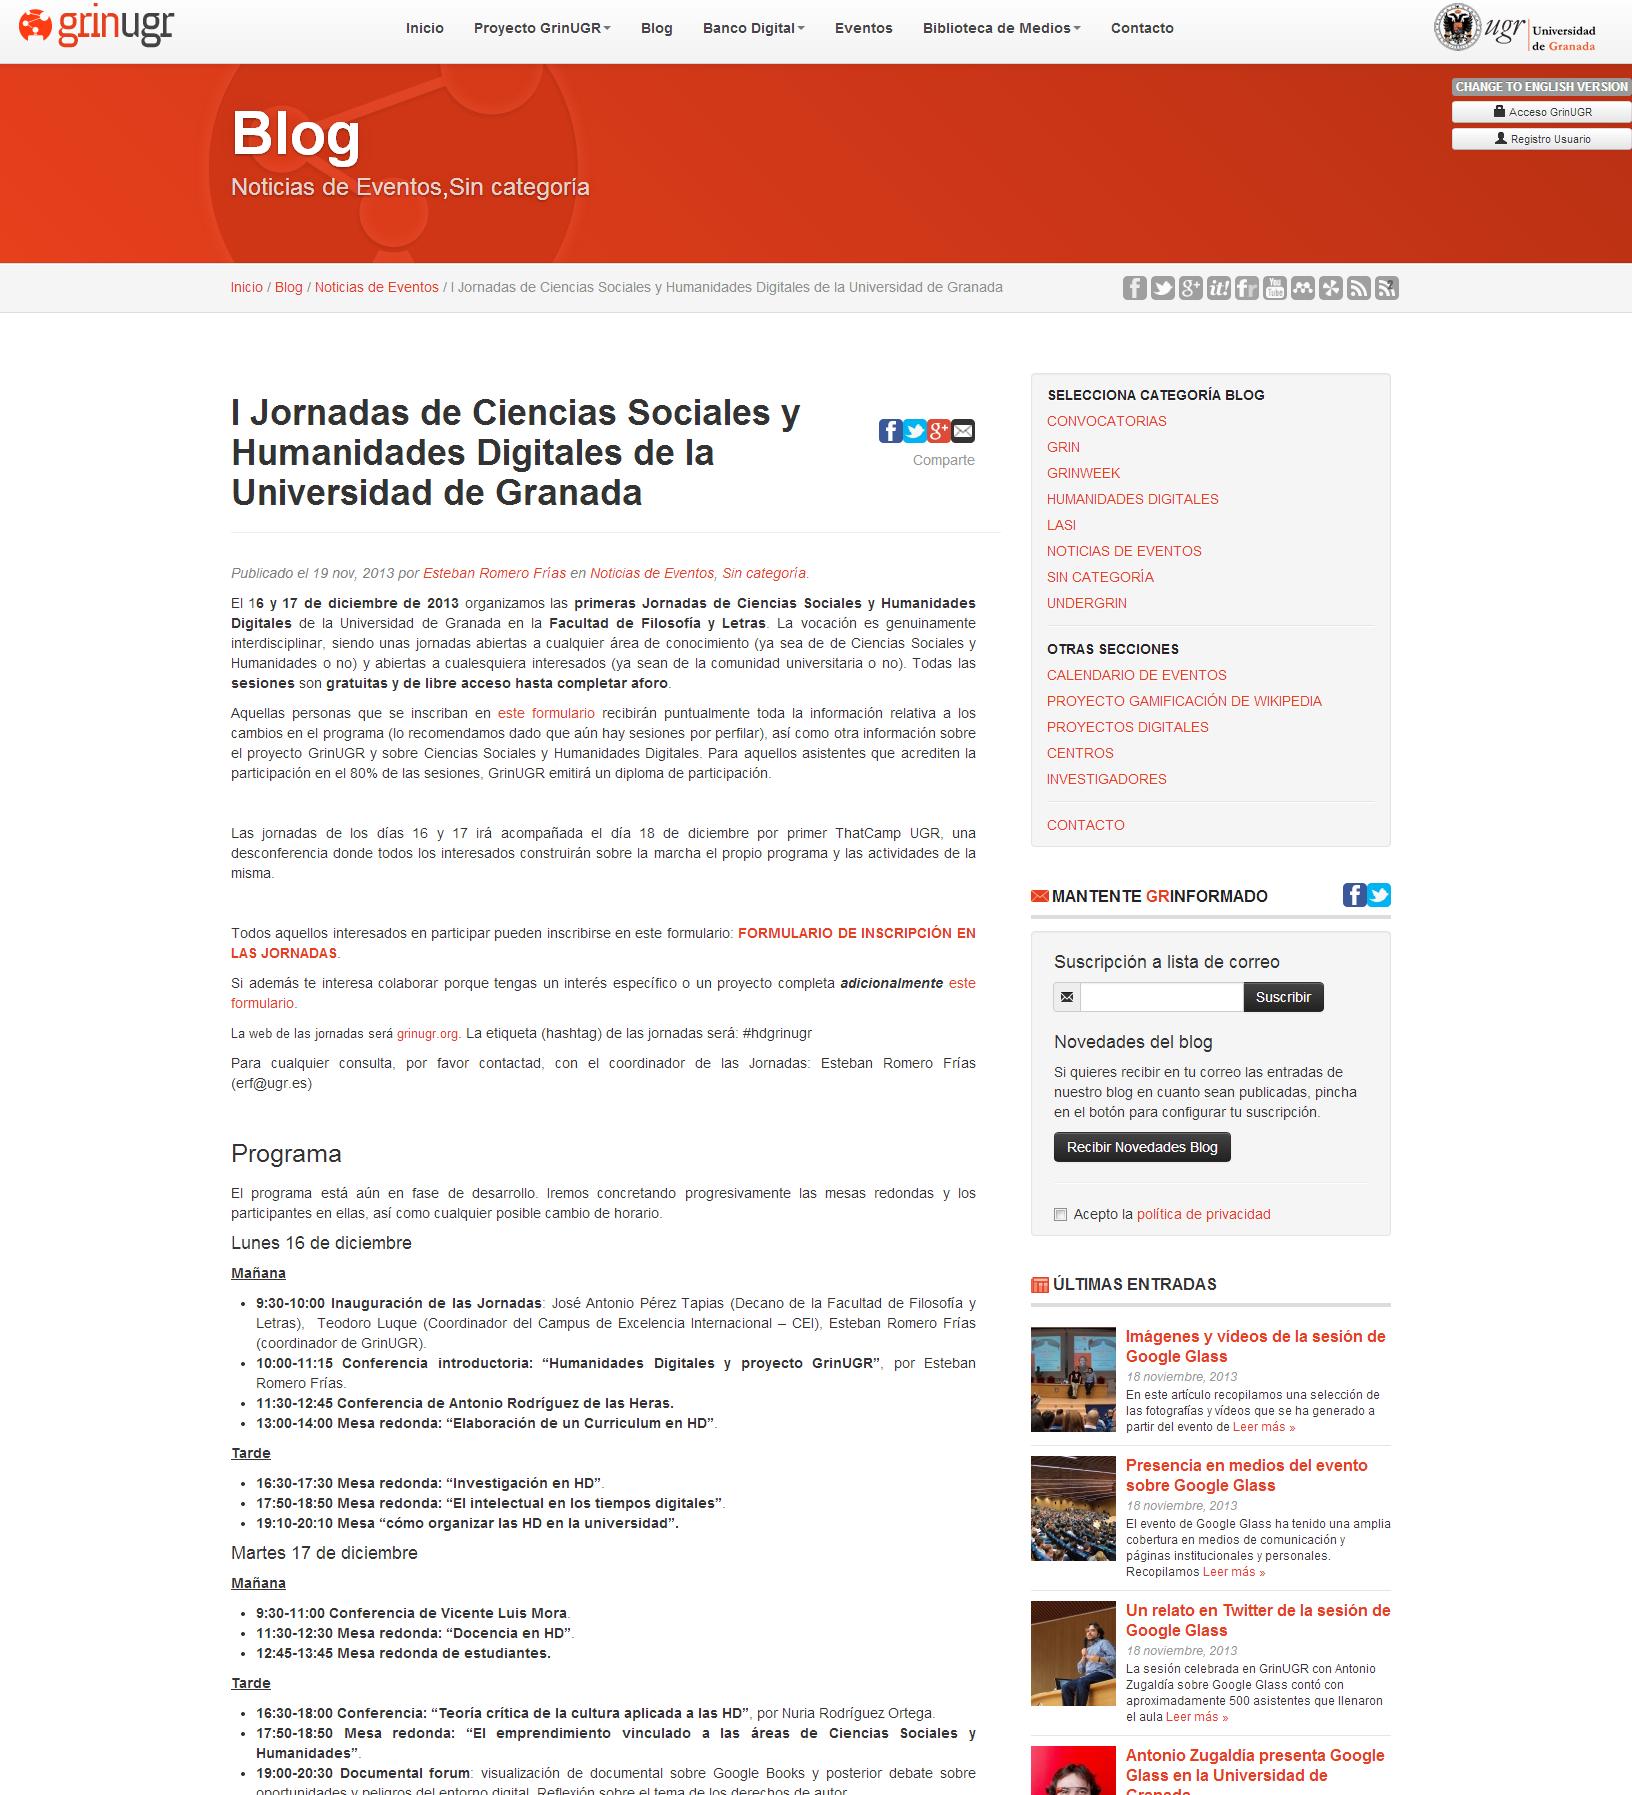 I Jornadas de Ciencias Sociales y Humanidades Digitales de la Universidad de Granada   GrinUGR